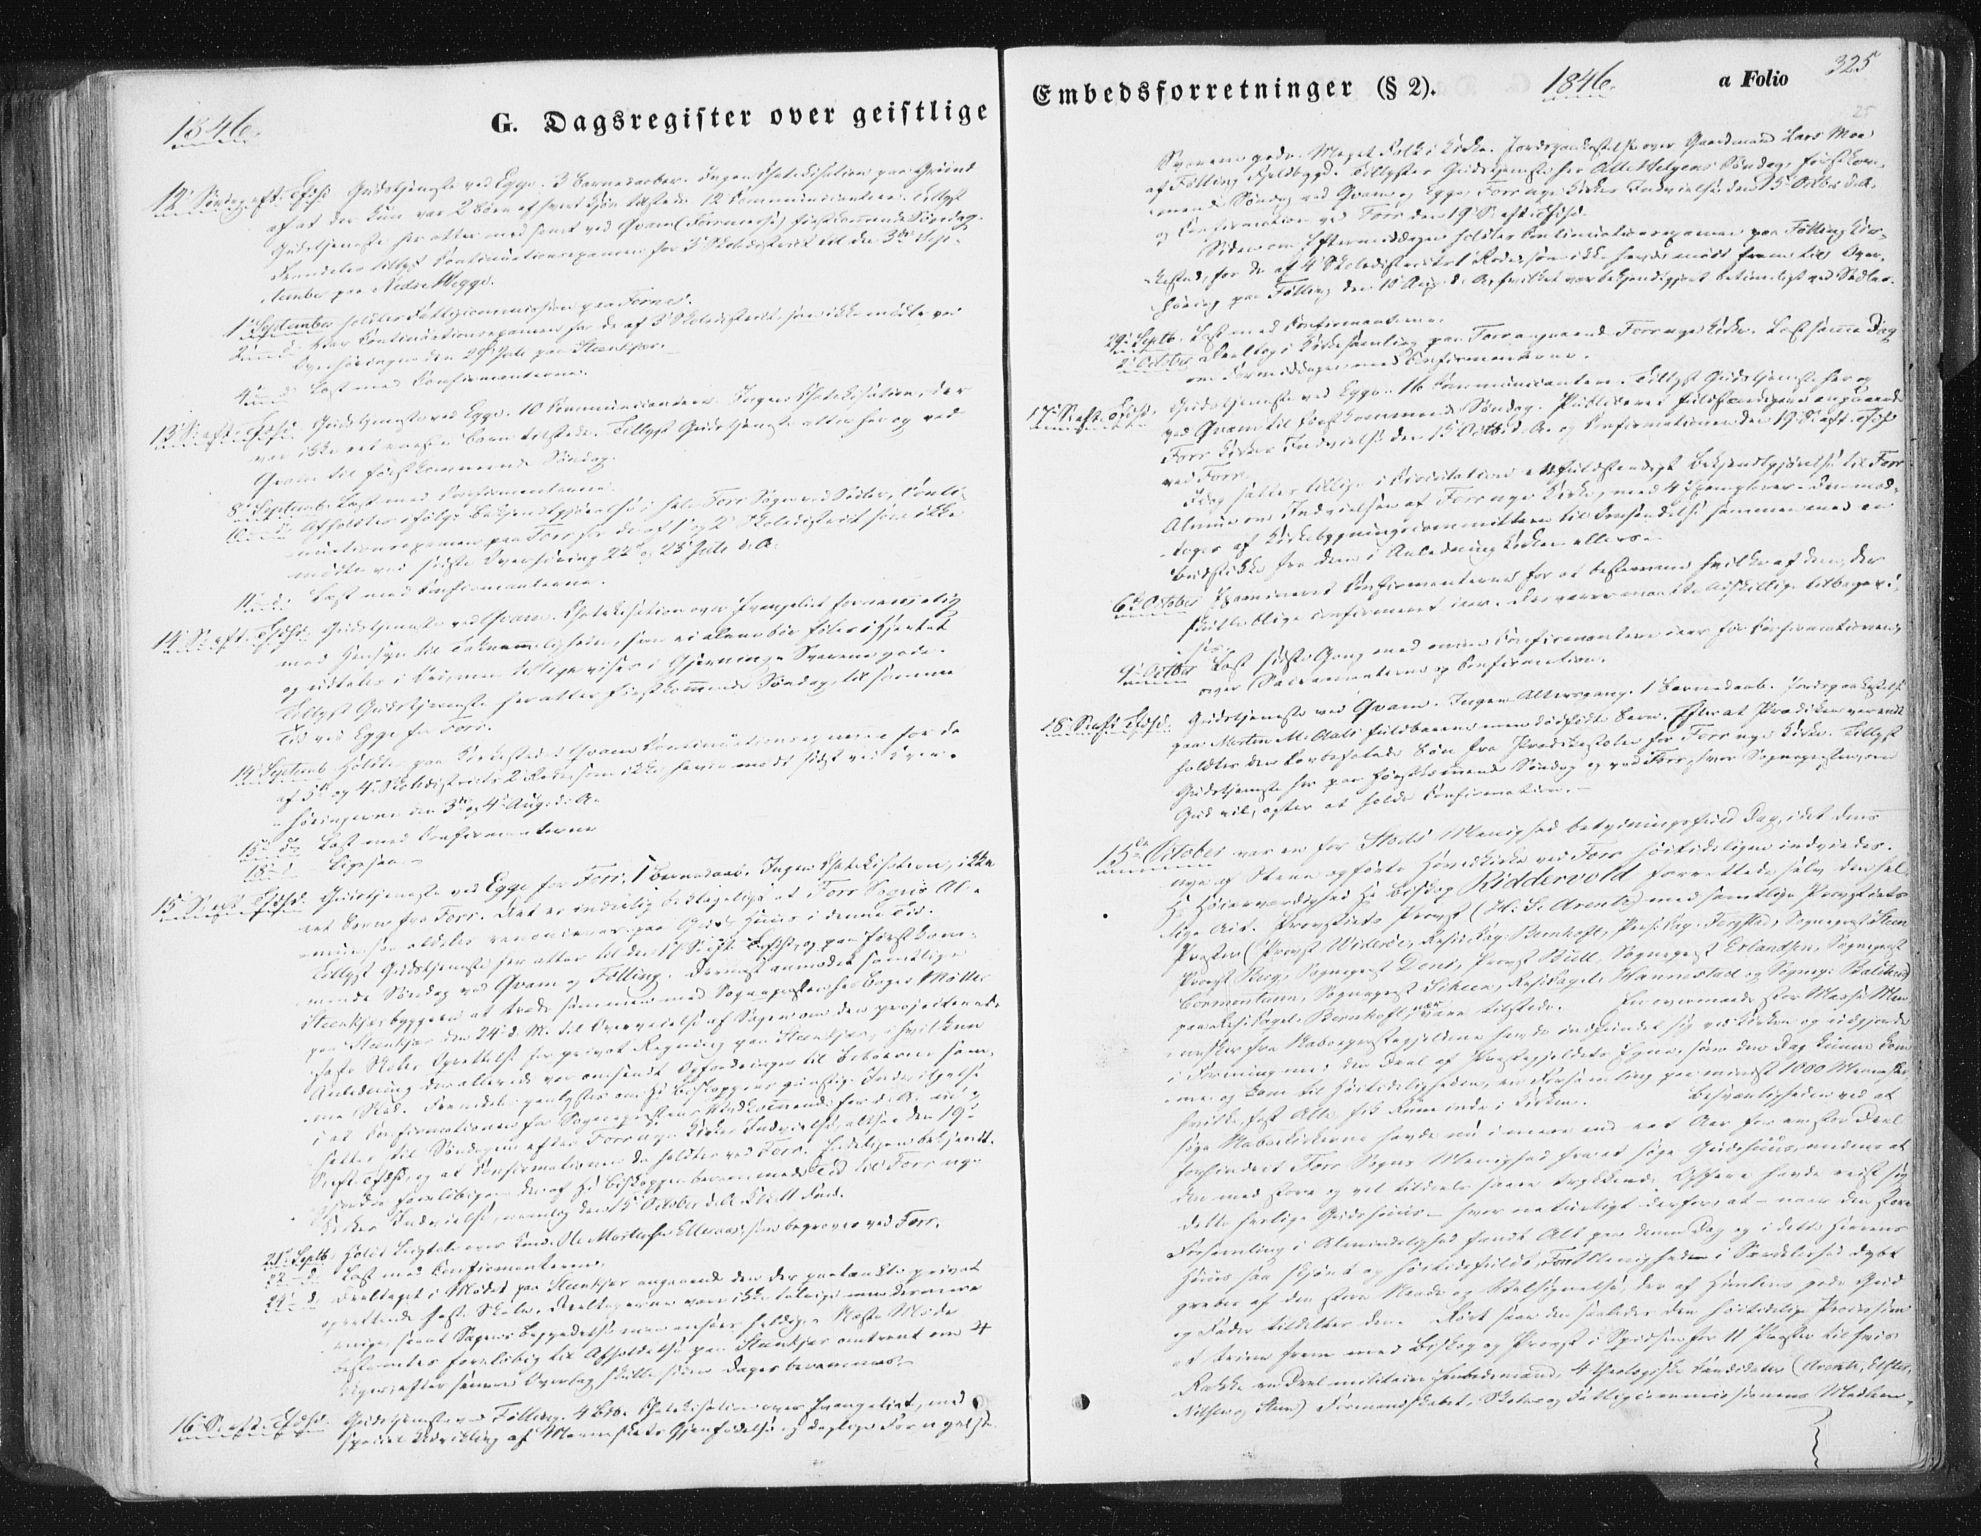 SAT, Ministerialprotokoller, klokkerbøker og fødselsregistre - Nord-Trøndelag, 746/L0446: Ministerialbok nr. 746A05, 1846-1859, s. 325